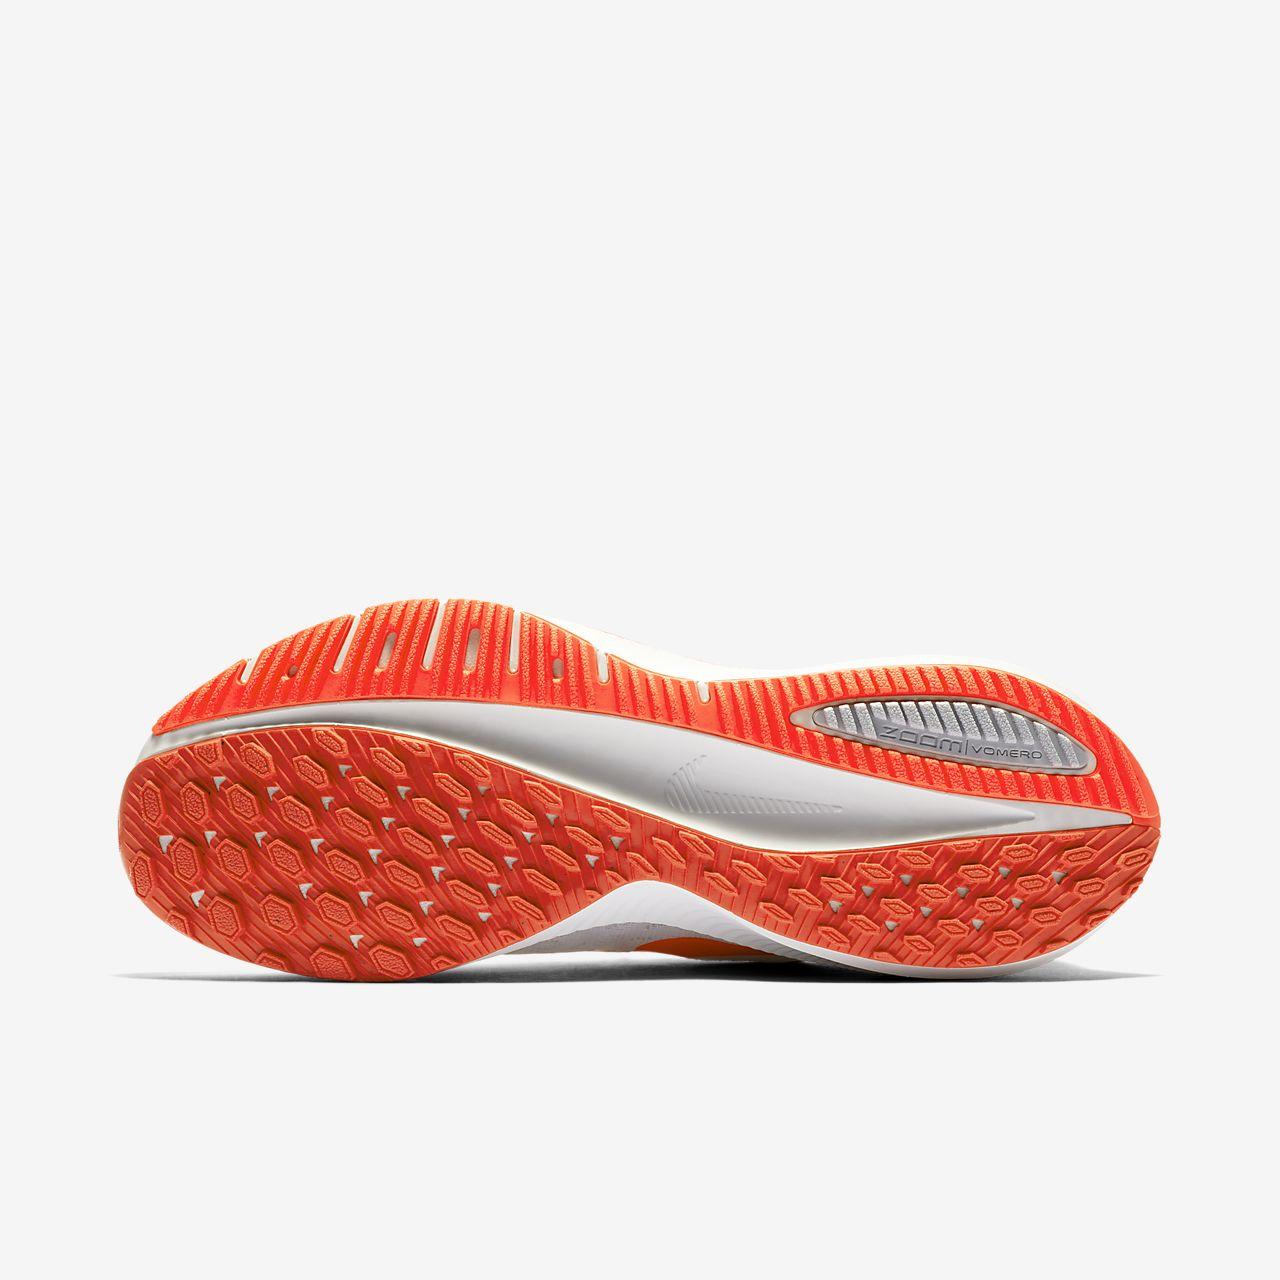 Löparsko Nike Air Zoom Vomero 14 för kvinnor